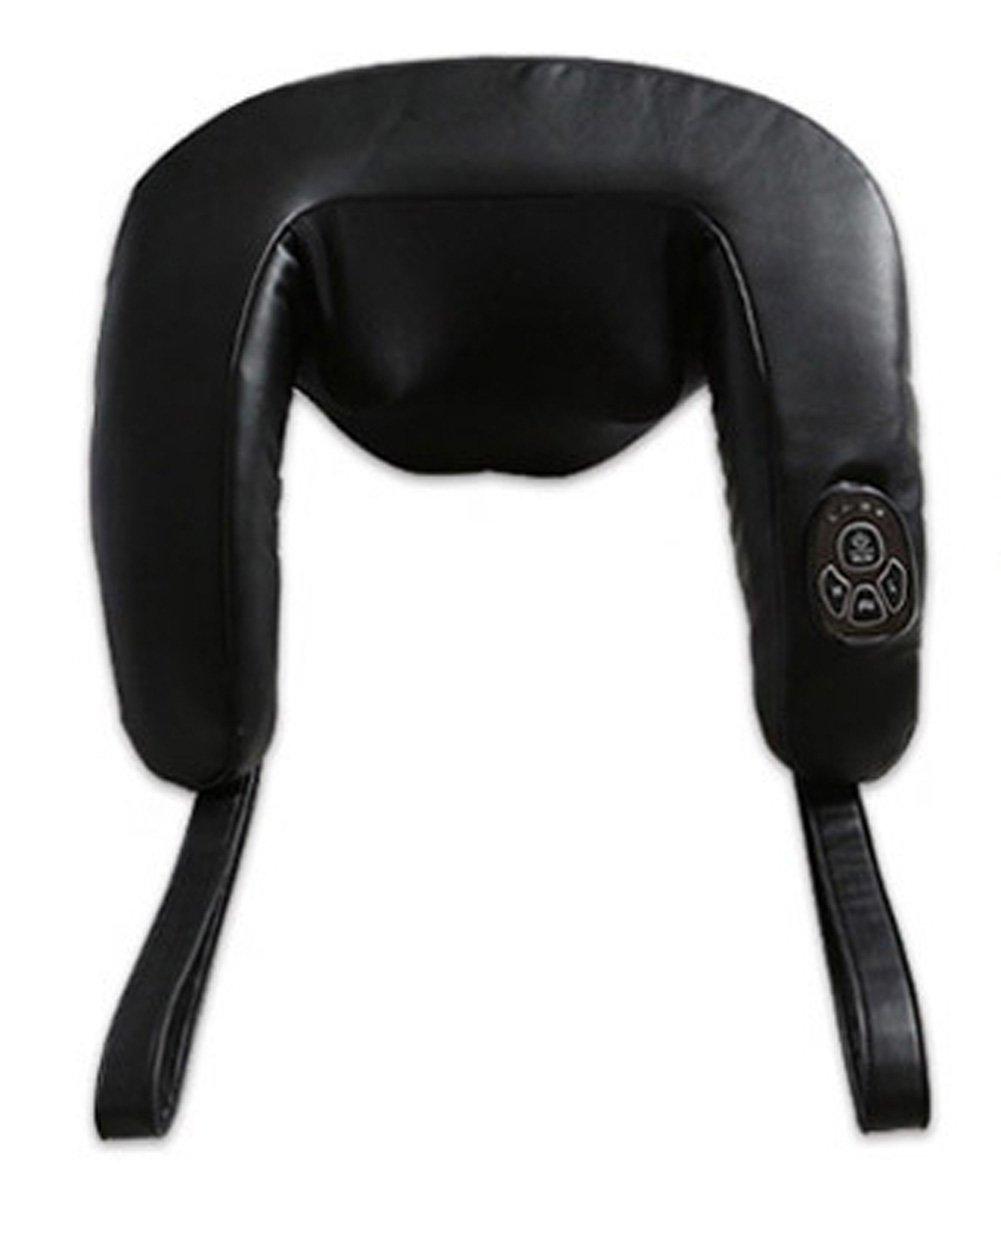 [ジェスパ] ZESPA ZP7073 パワームービング 首肩マッサージャー マッサージ機 有線 つかみもみ ネック リラックス 肩もみ 首もみ コリ 肩 もみたいむ 腰 ふくらはぎ 肩 太もも 100-240V 海外直送品 (Neck Shoulder Back Feet Leg Shiatsu Electric Roll Massager Deep Kneading for Home Office Car Home Healthcare) B079X3SFZB